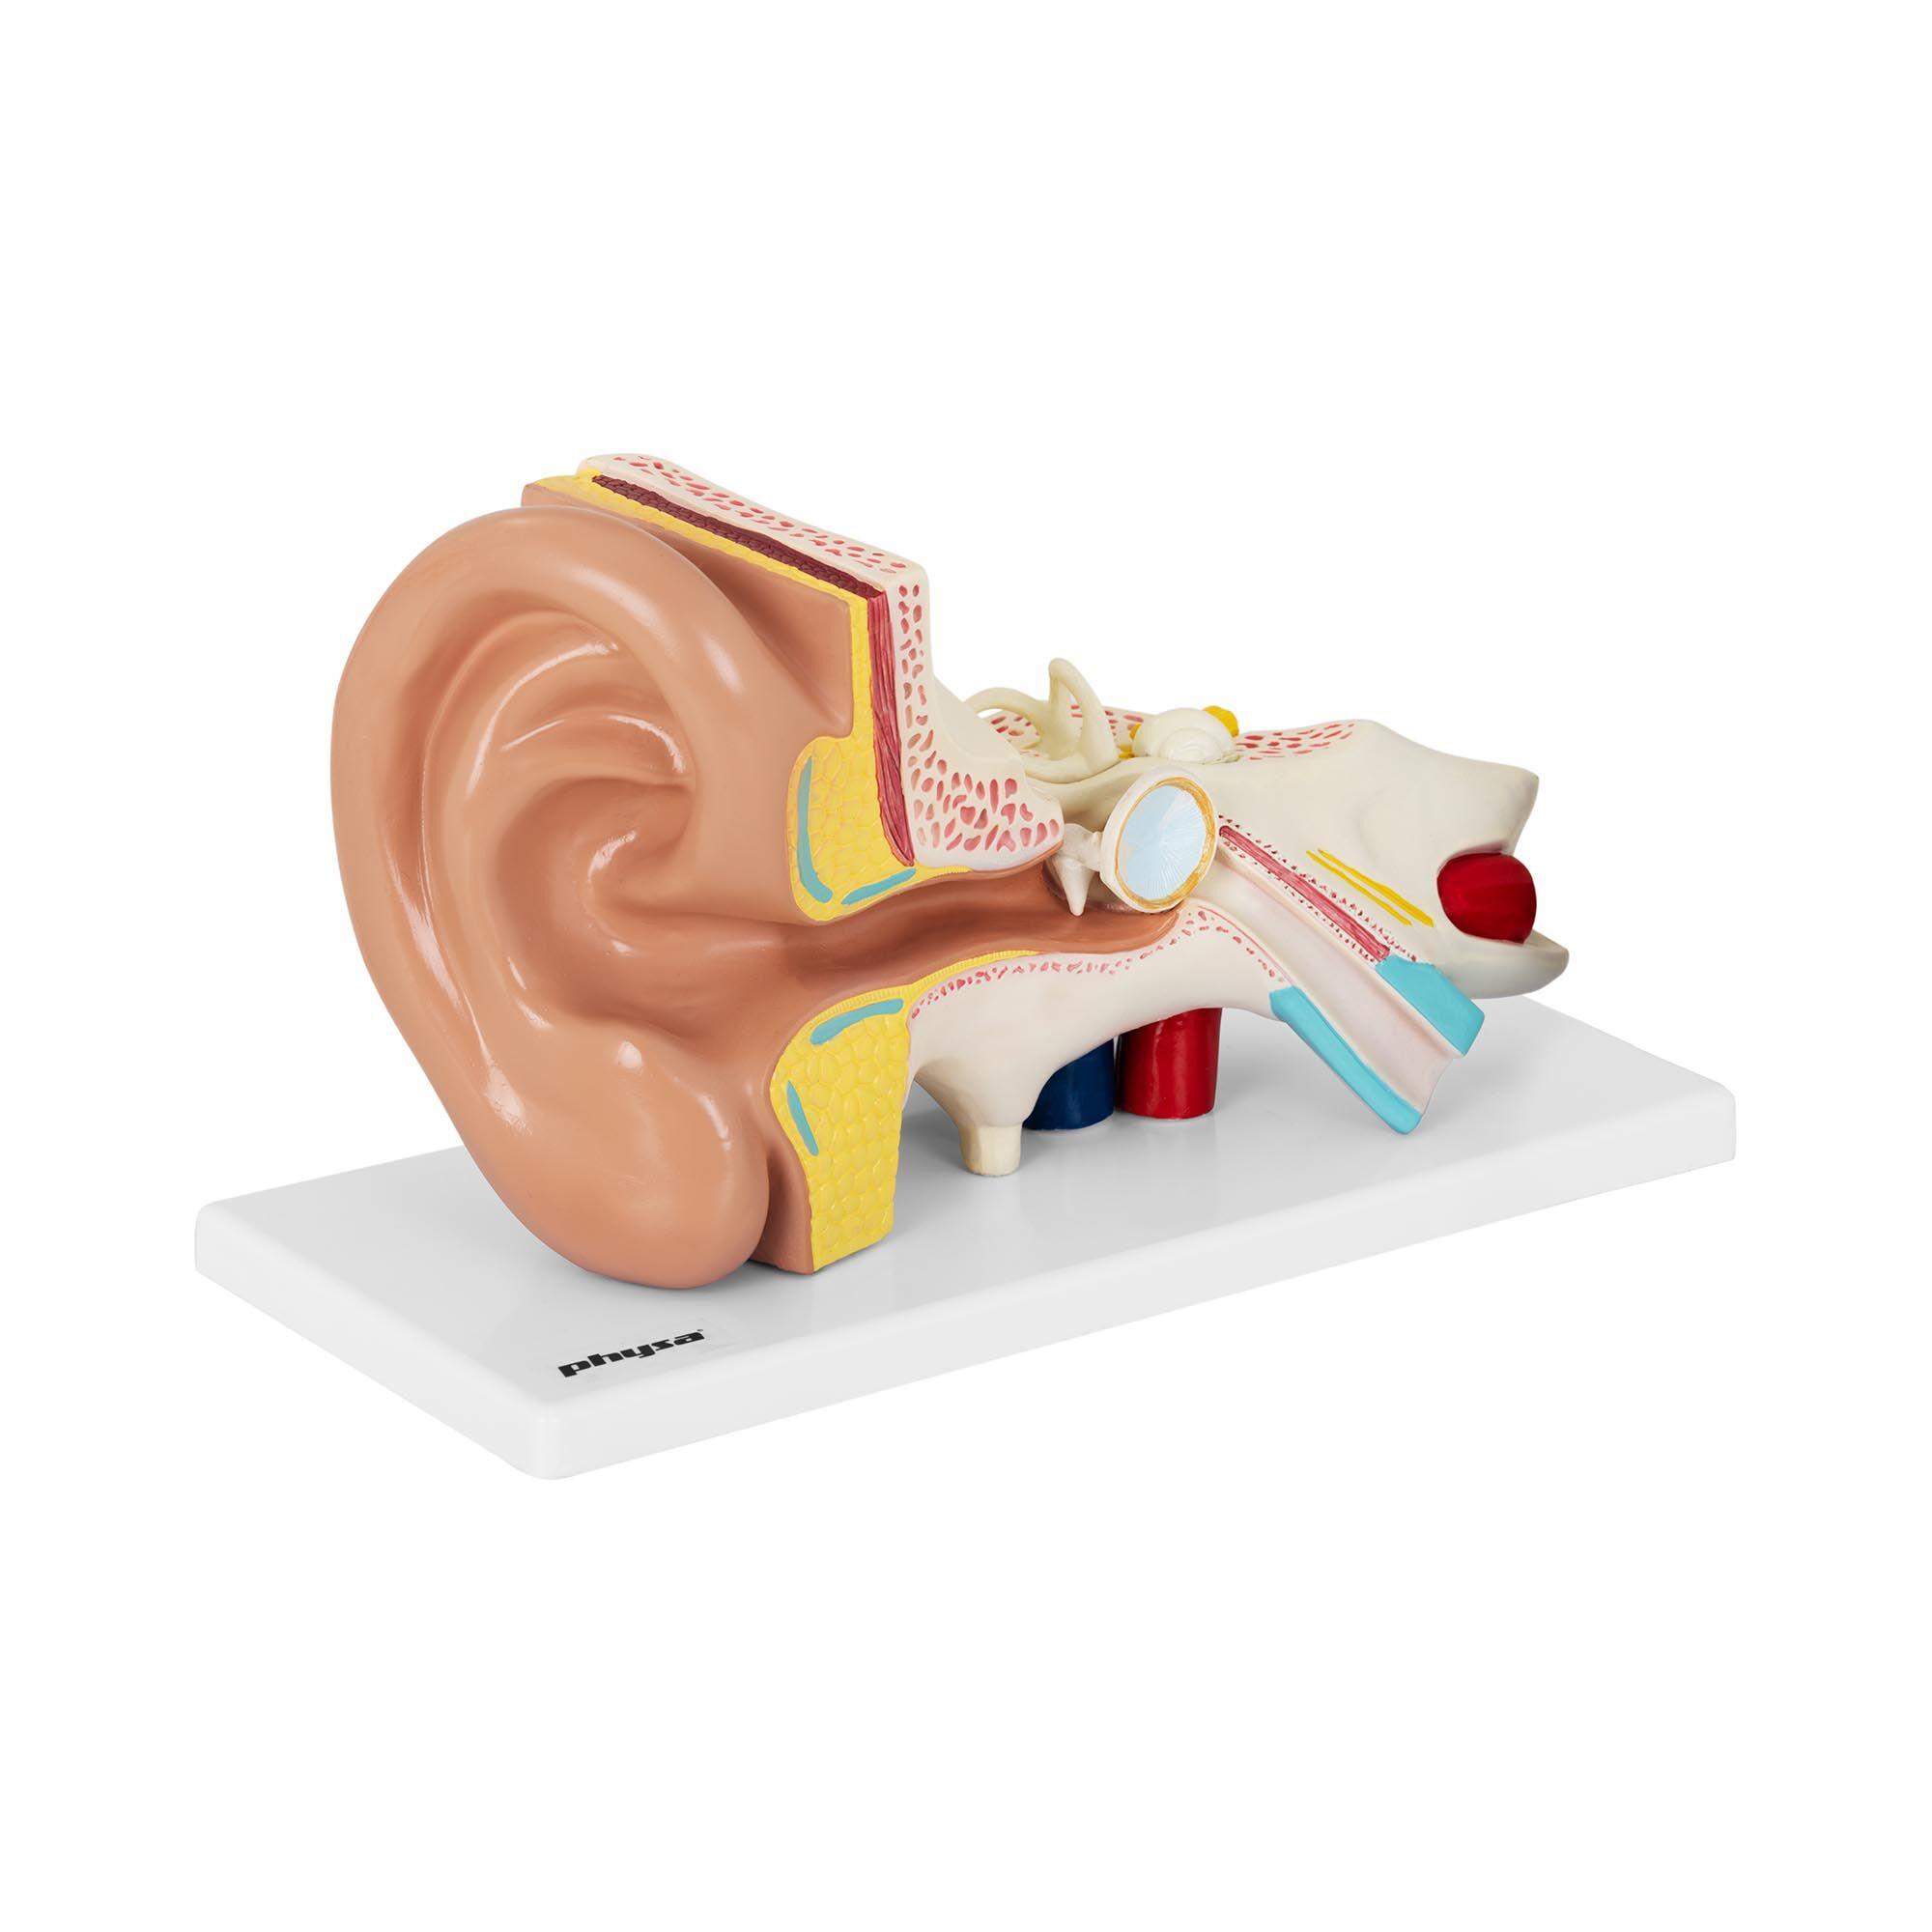 physa Maquette anatomique de l'oreille humaine - En 4 parties - 2 fois la taille réelle PHY-EM-1